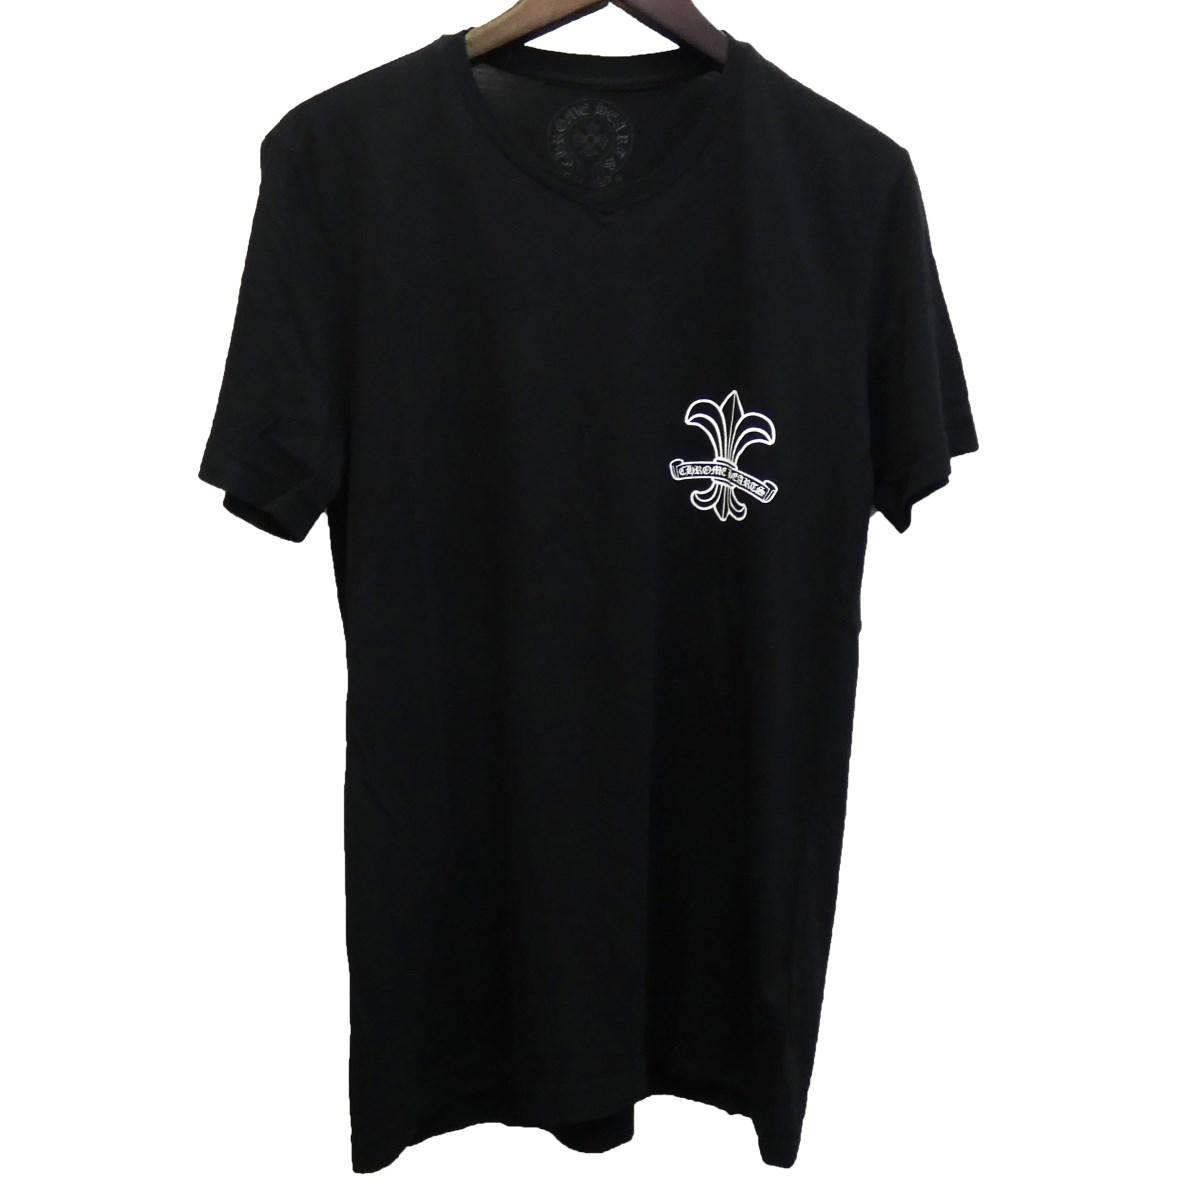 【中古】CHROME HEARTS BSフレアVネックTシャツ ブラック サイズ:S 【270420】(クロムハーツ)